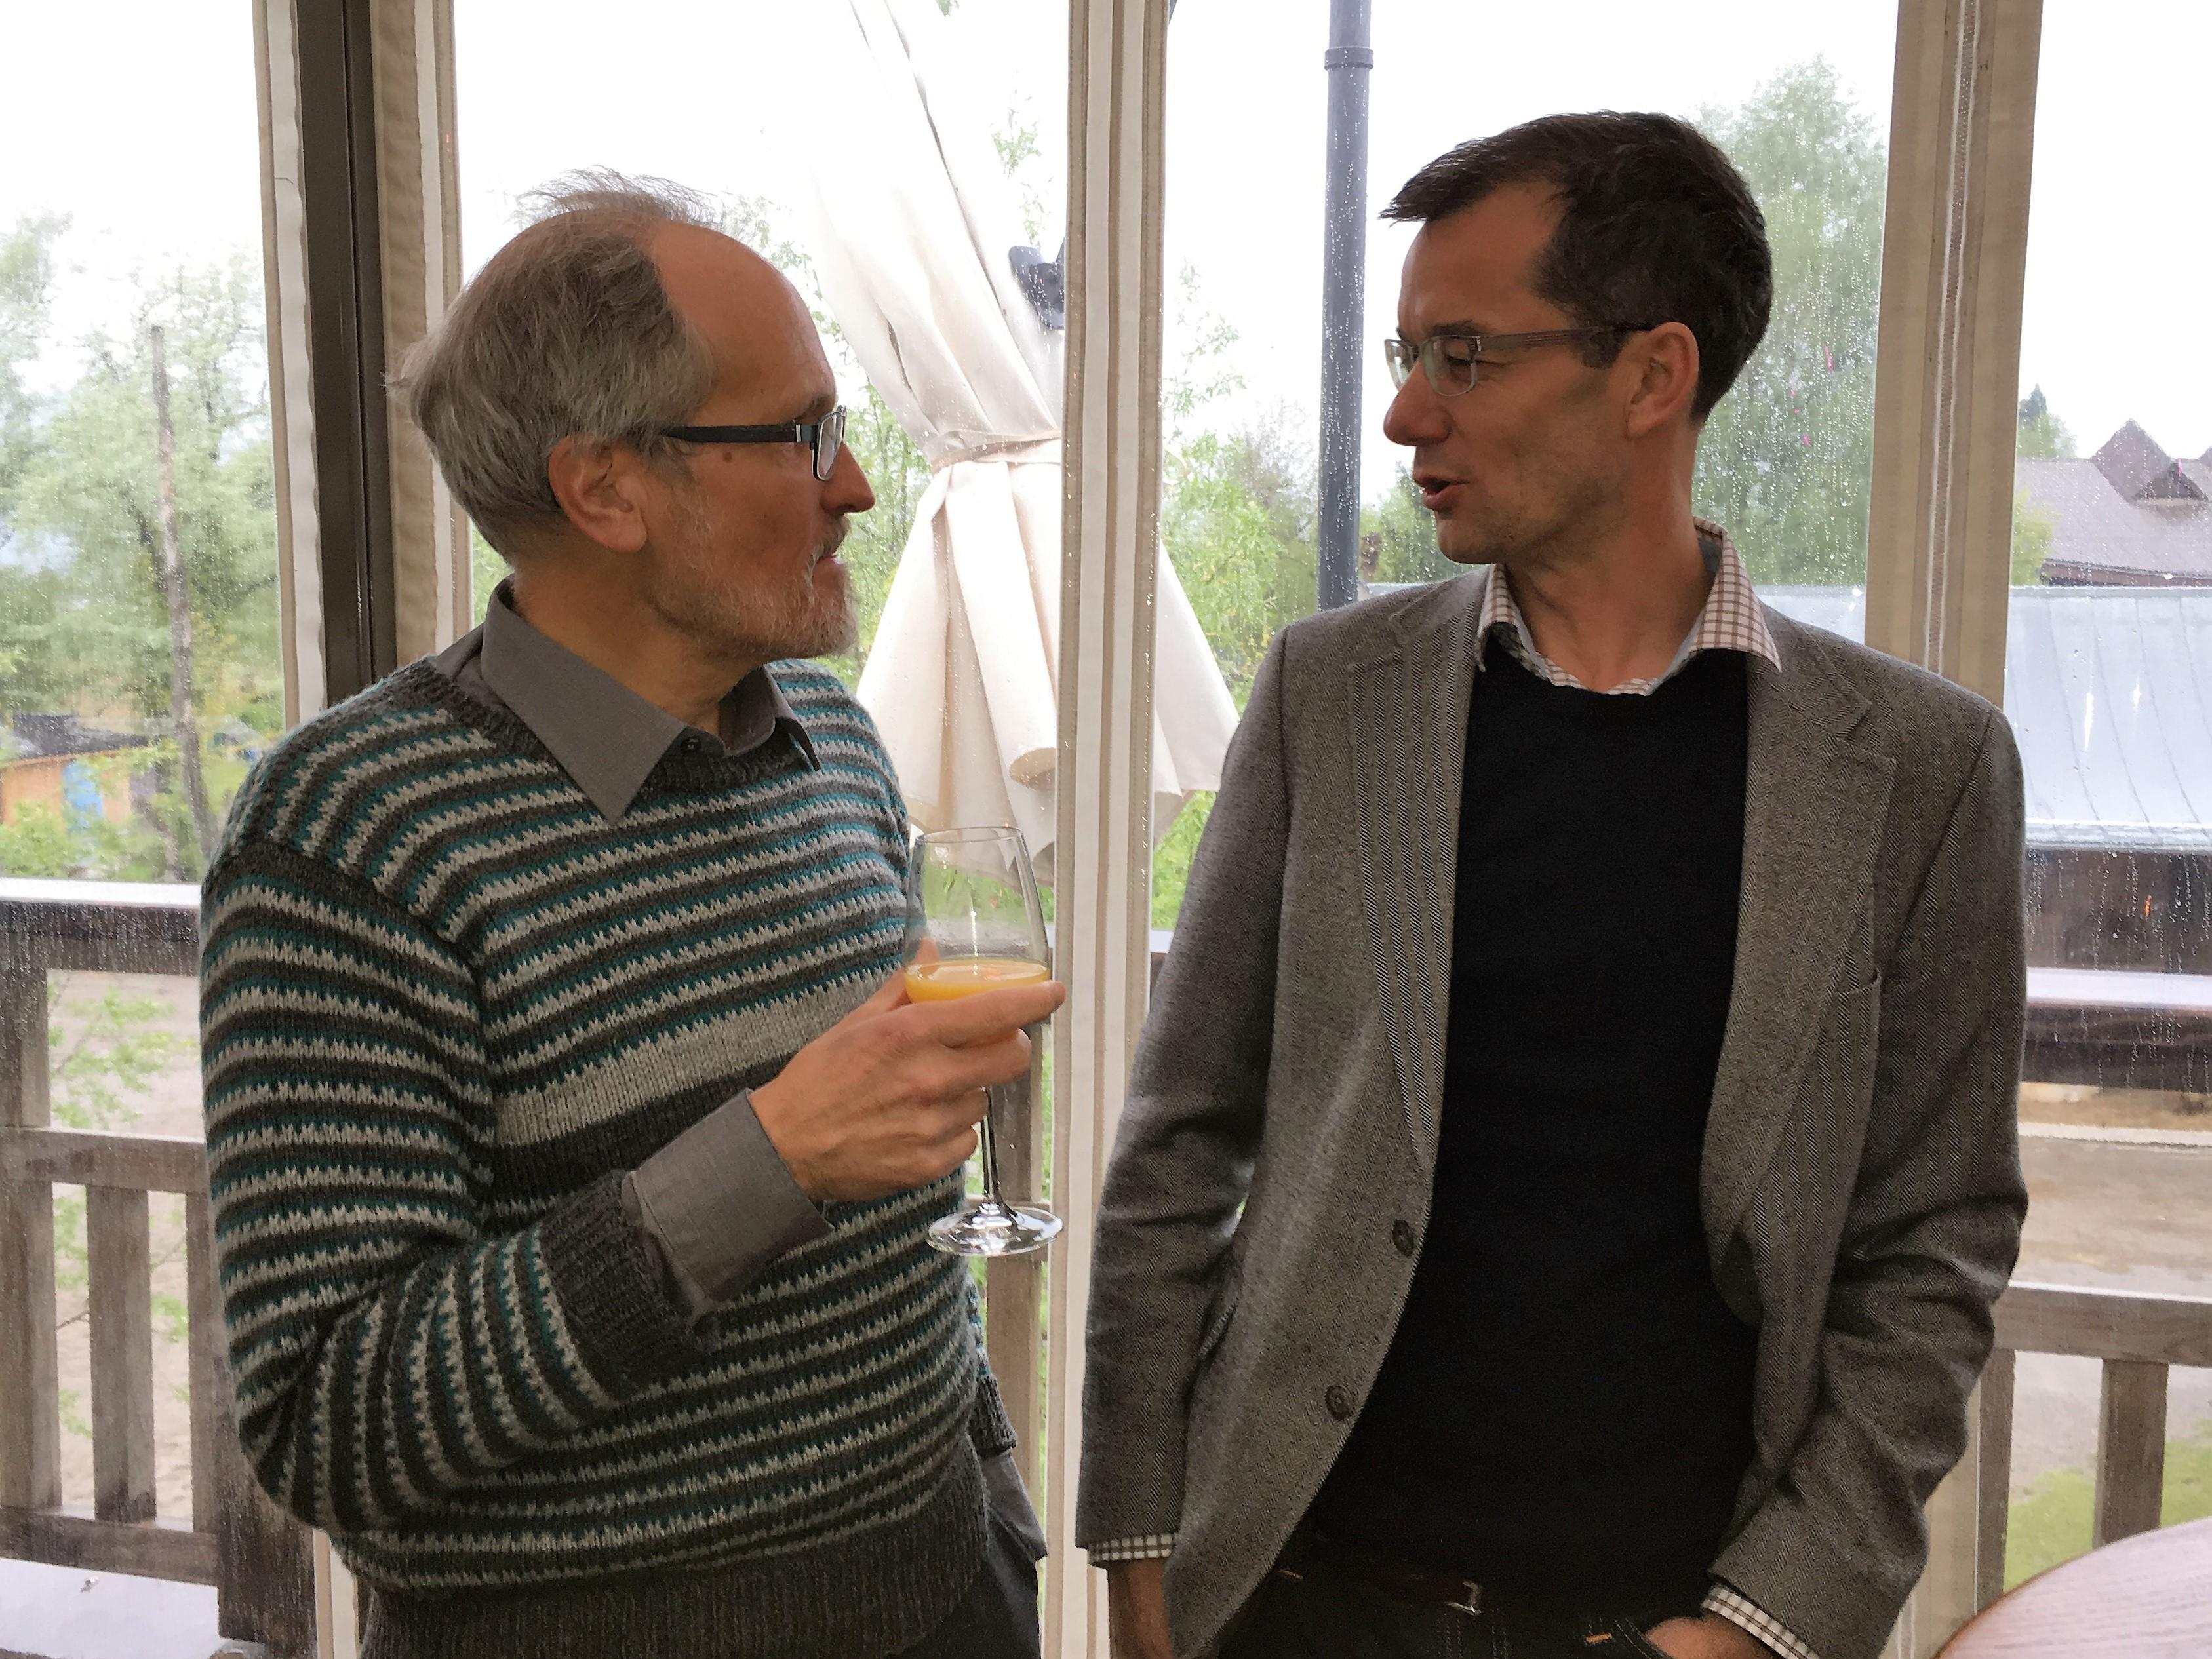 Von alt-Stadtrat zu amtierendem Stadtrat: Matthias Gfeller Winterthur und Thomas Furrer Rapperswil-Jona